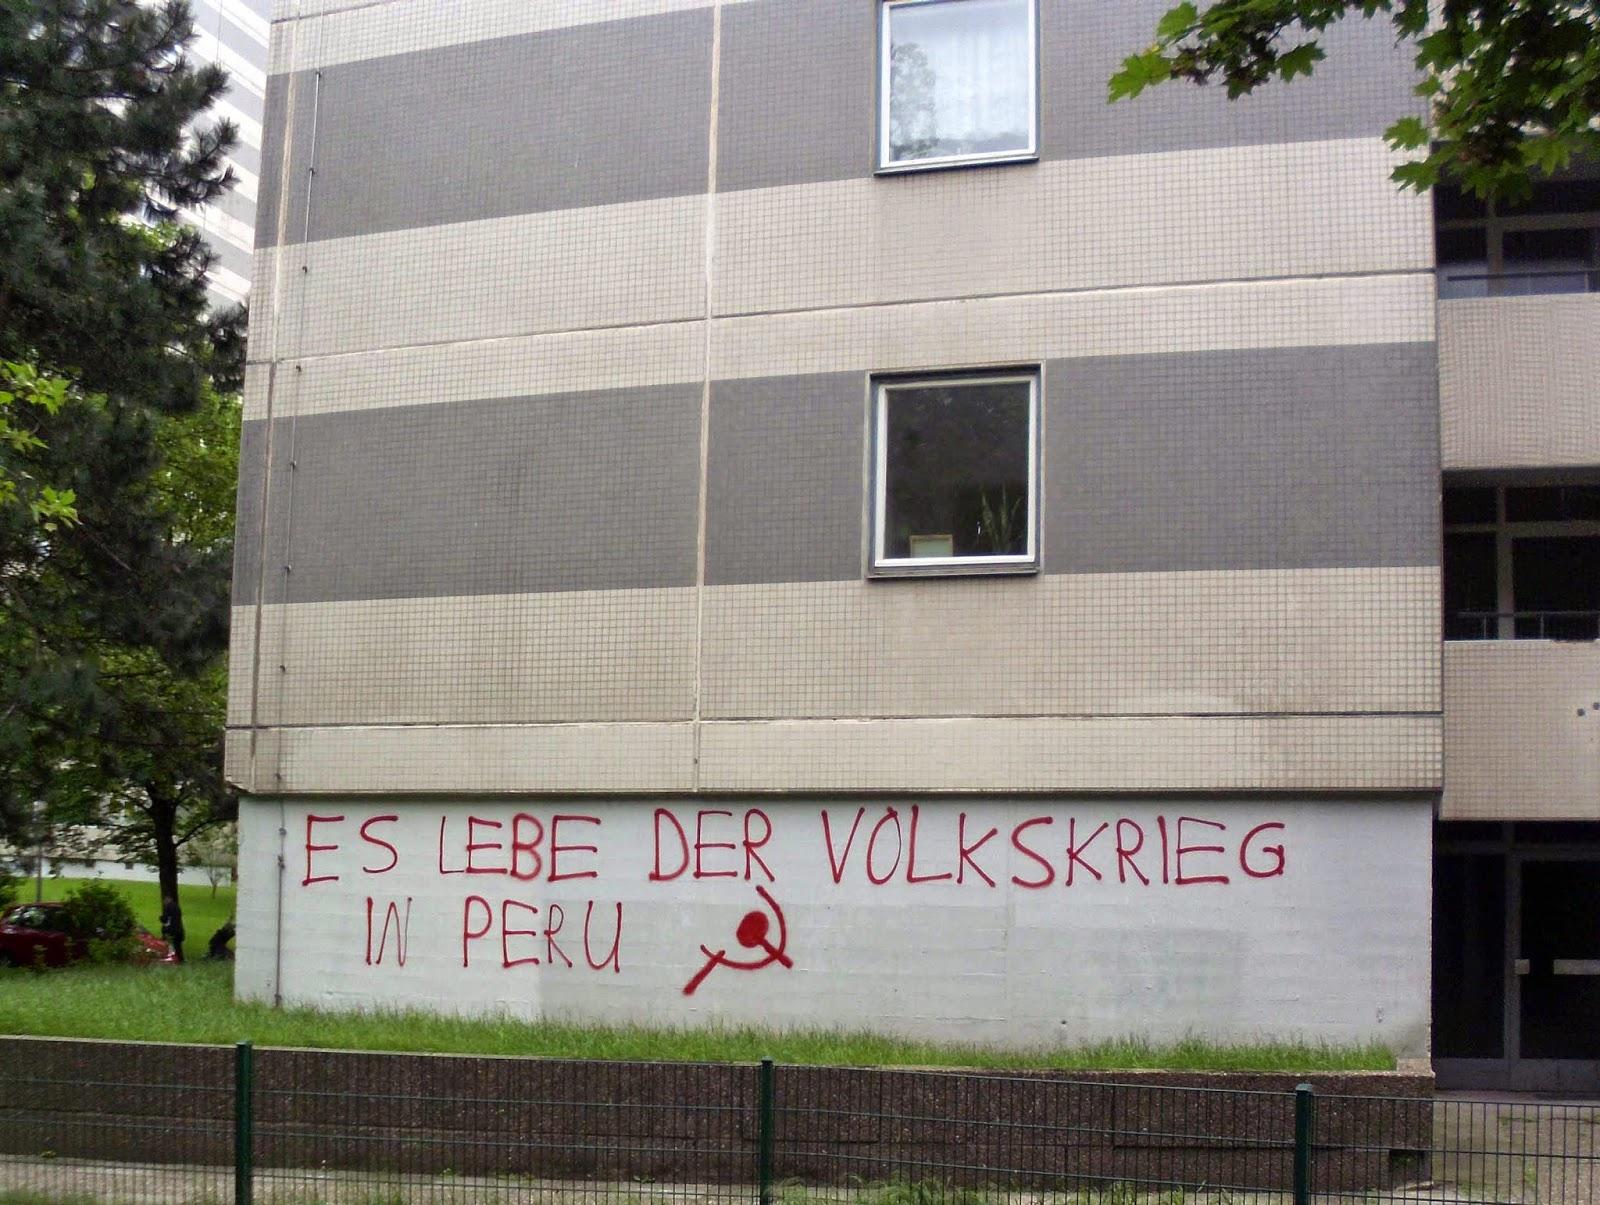 maoistroad aktionen in berlin zum tag der einleitung des volkskriegs in peru. Black Bedroom Furniture Sets. Home Design Ideas